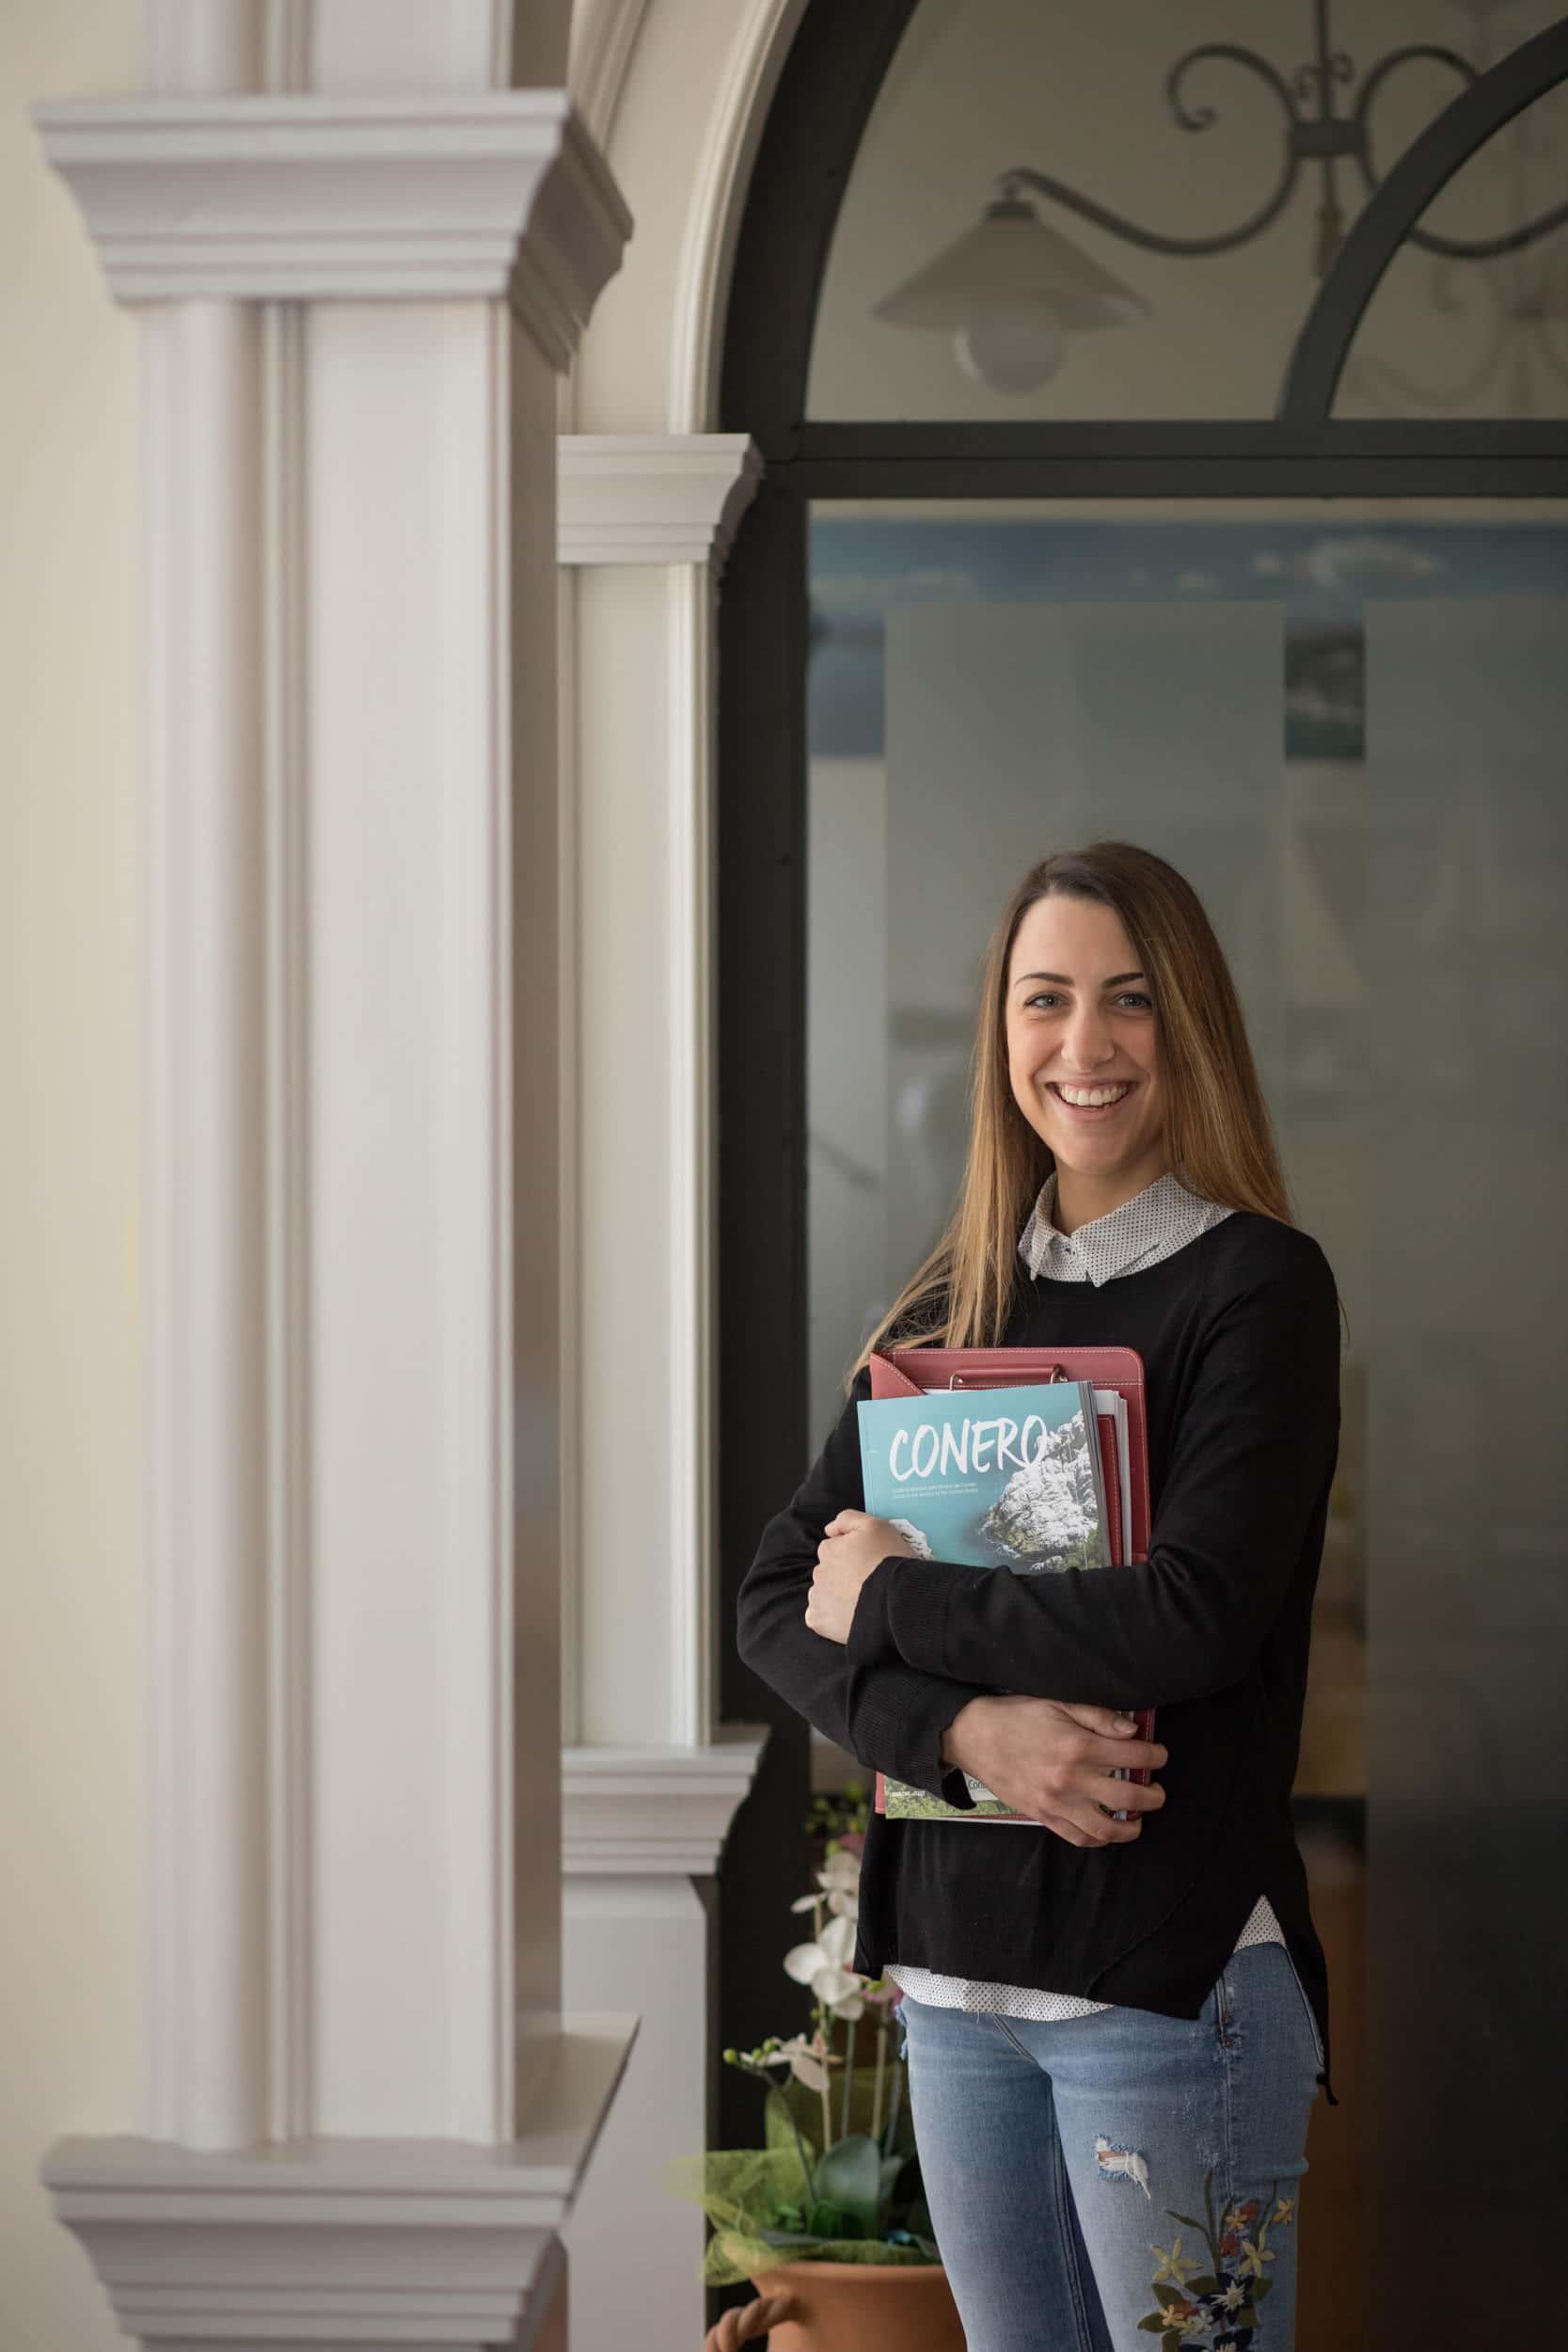 Giulia Mazzantini